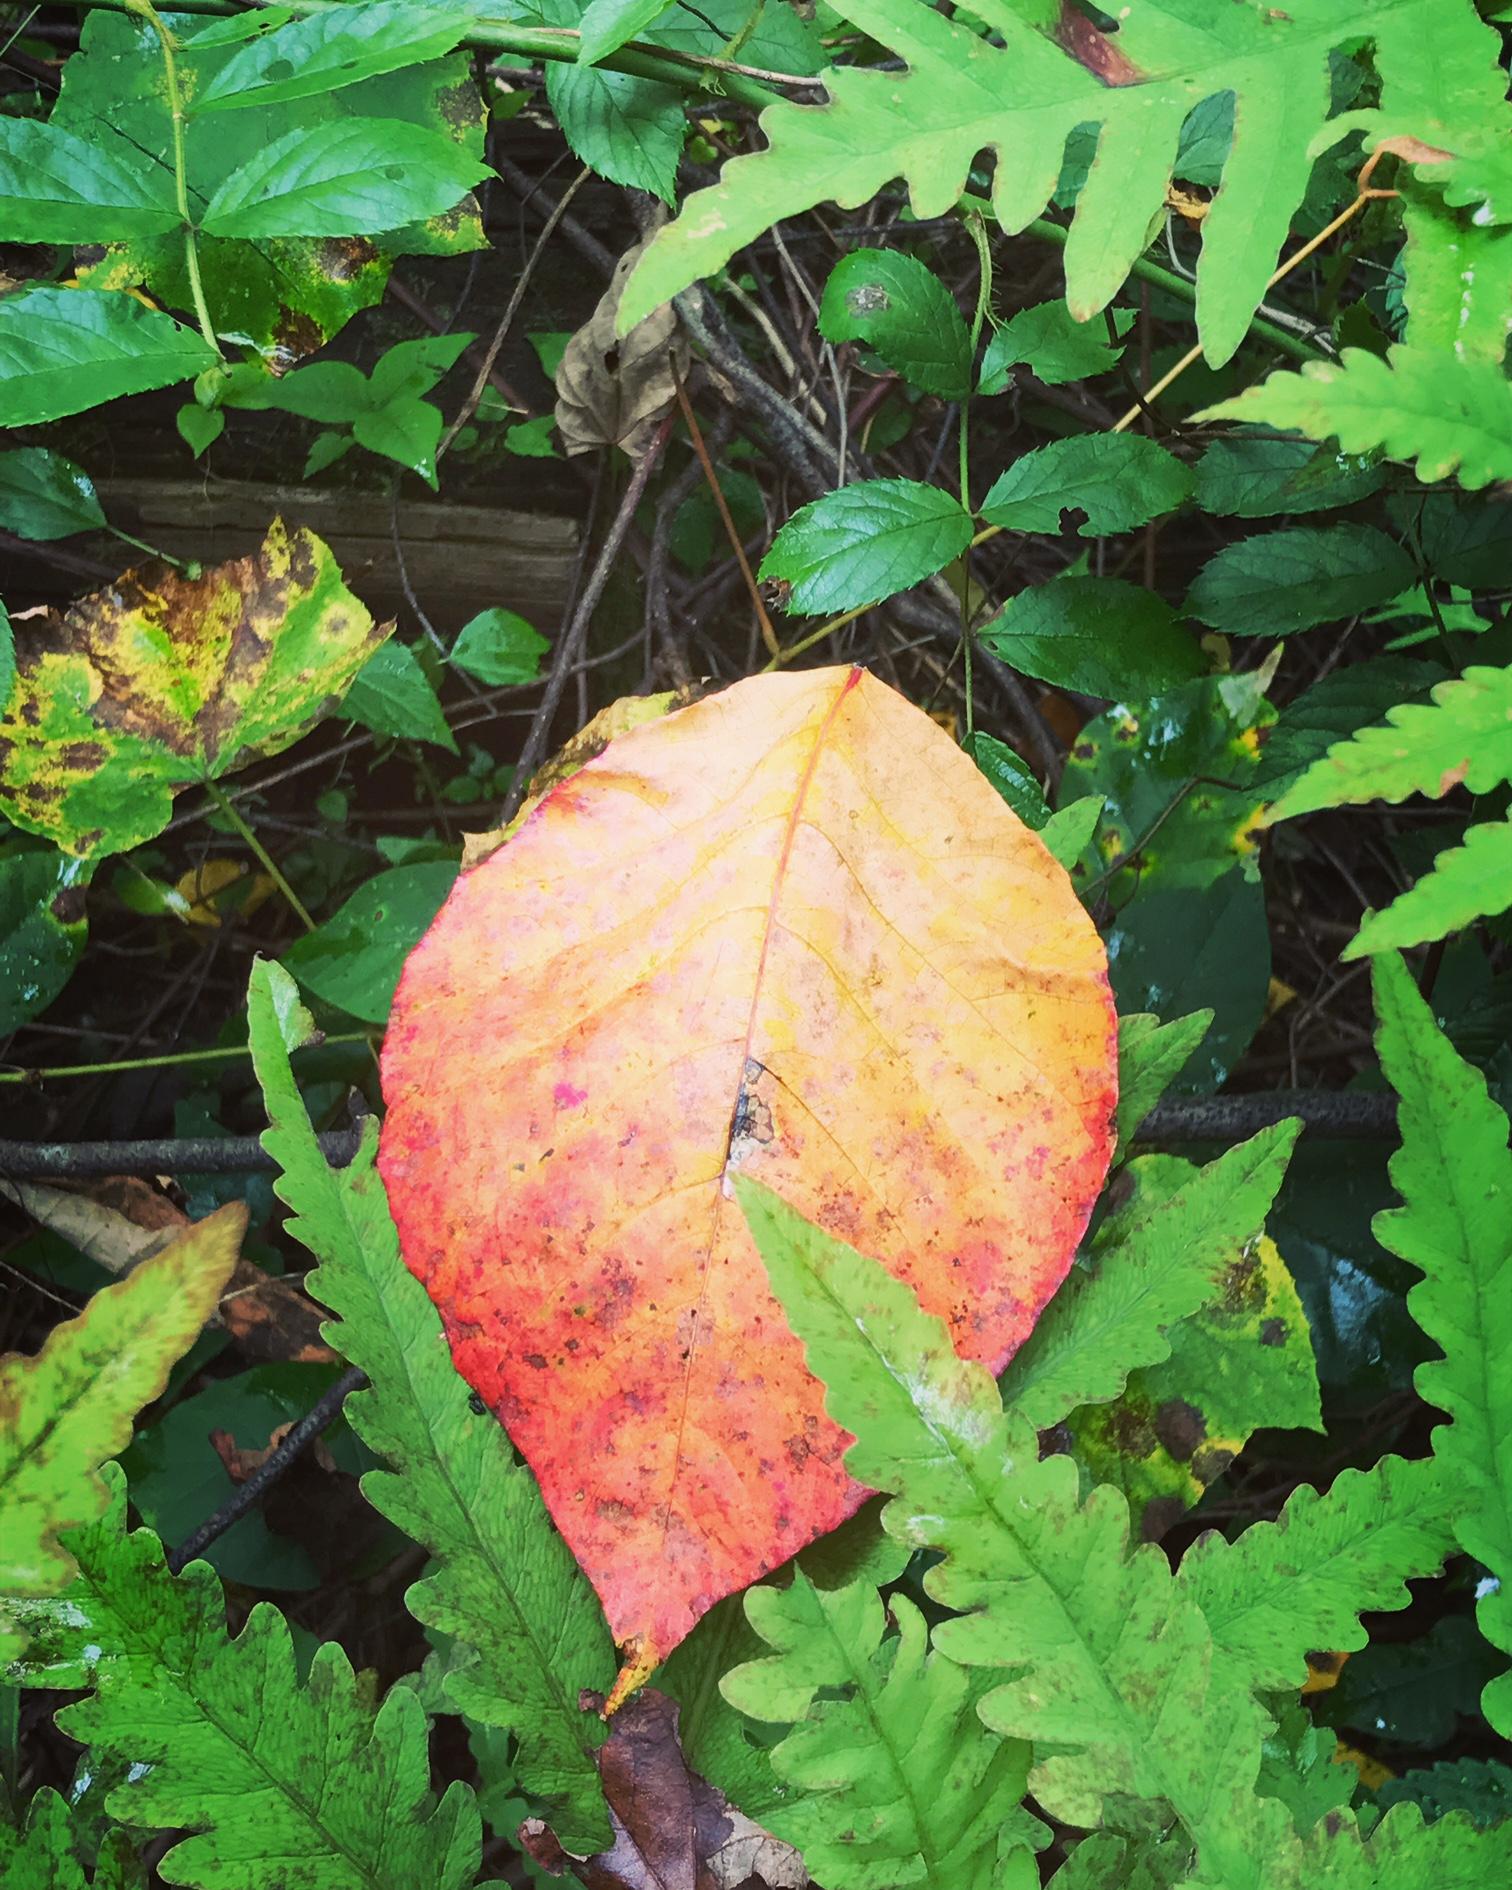 leaf and ferns.JPG